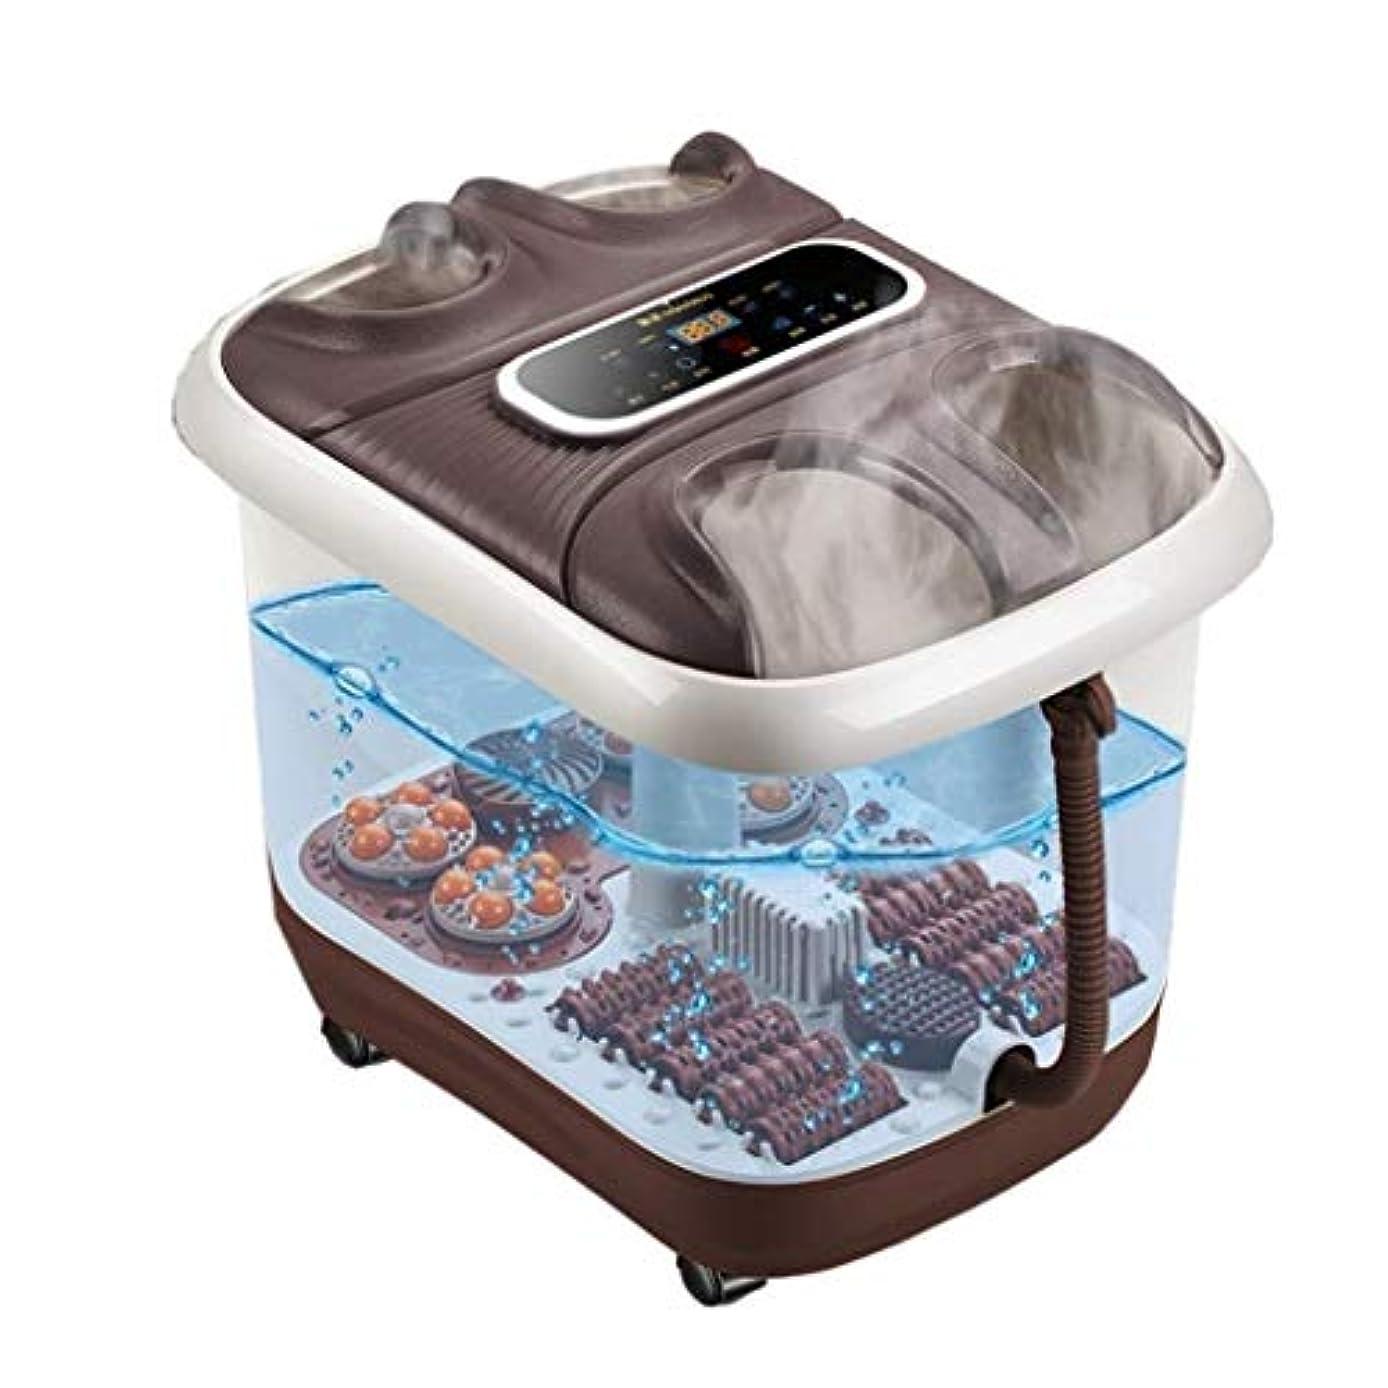 ながら叱る極地フットマッサージャー、フルフットマッサージャー-高速TPS加熱システム、10個の電動マッサージローラー、一定の温度制御、ストレス/痛みの緩和、血液循環/睡眠の促進